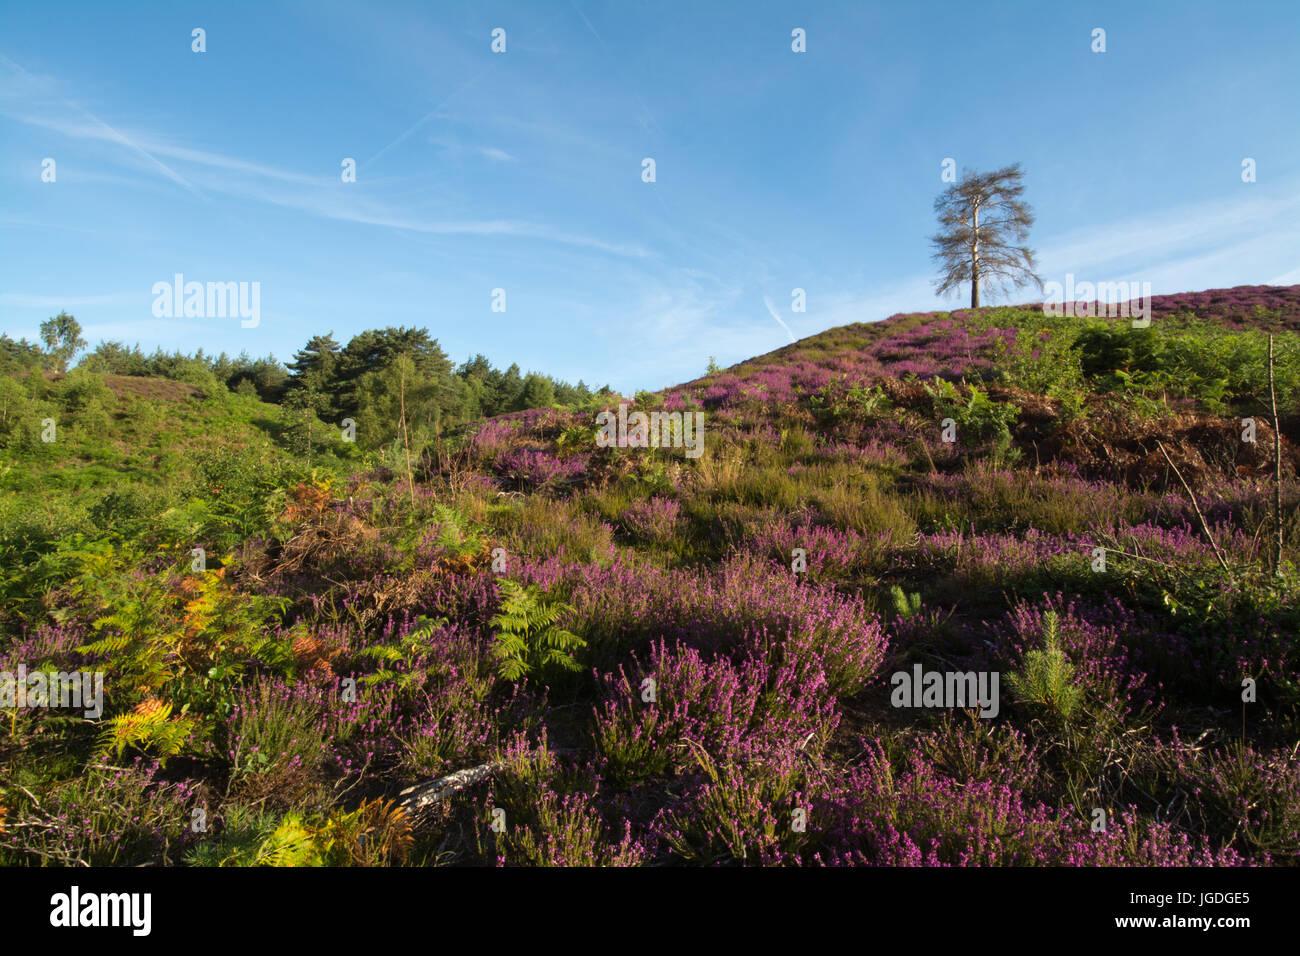 Vista su Ambersham comune nel South Downs National Park in estate con viola erica e colline Immagini Stock